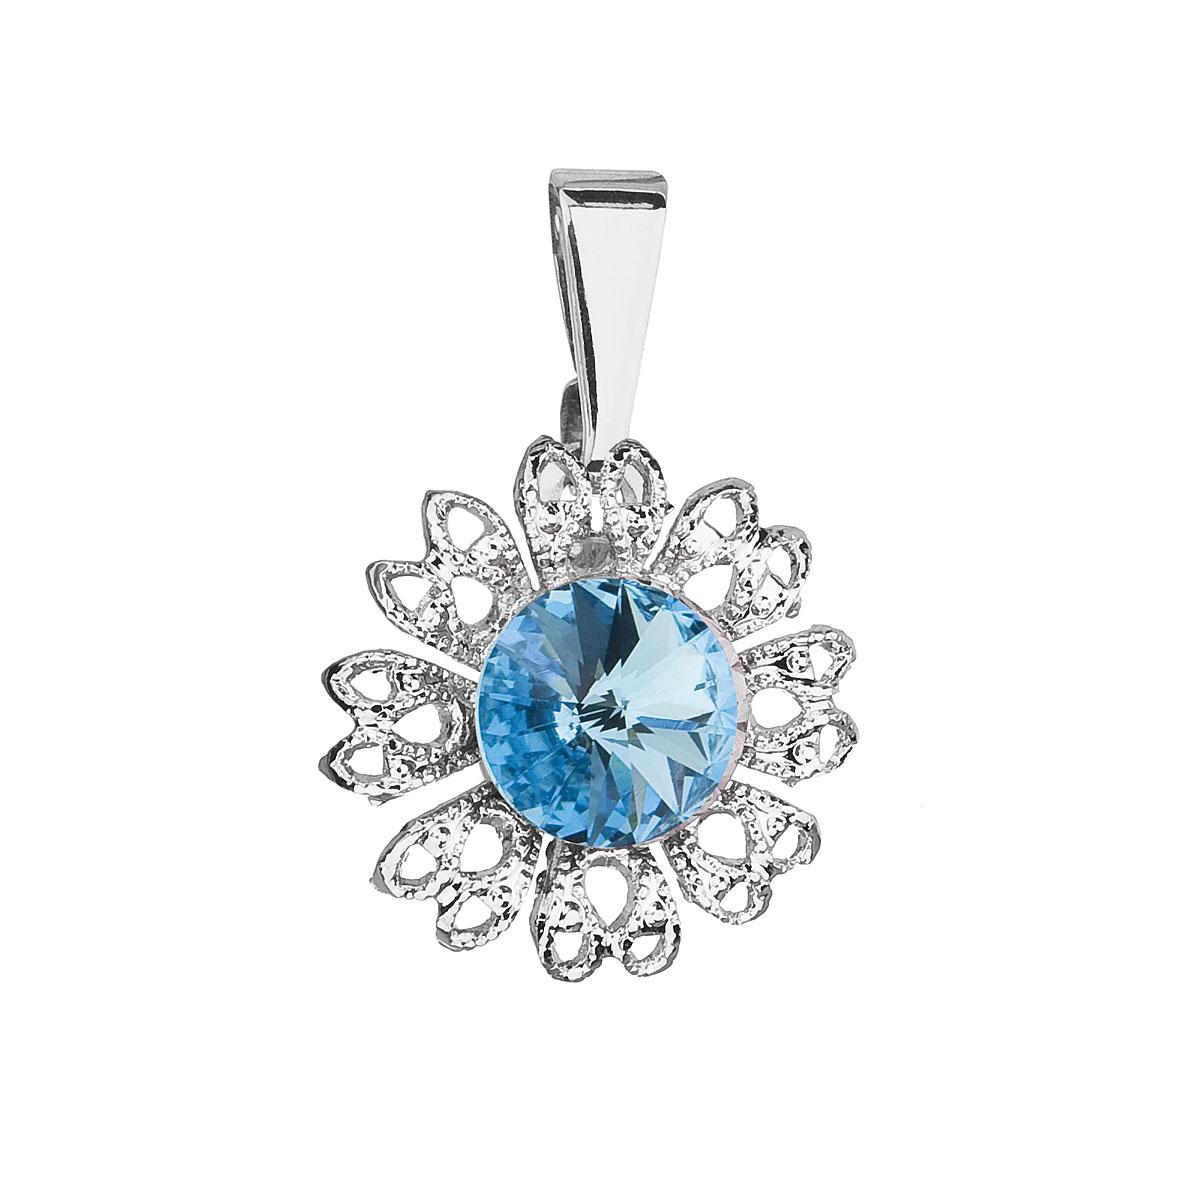 Evolution Group Přívěsek se Swarovski krystaly modrá kytička 54032.3 aqua